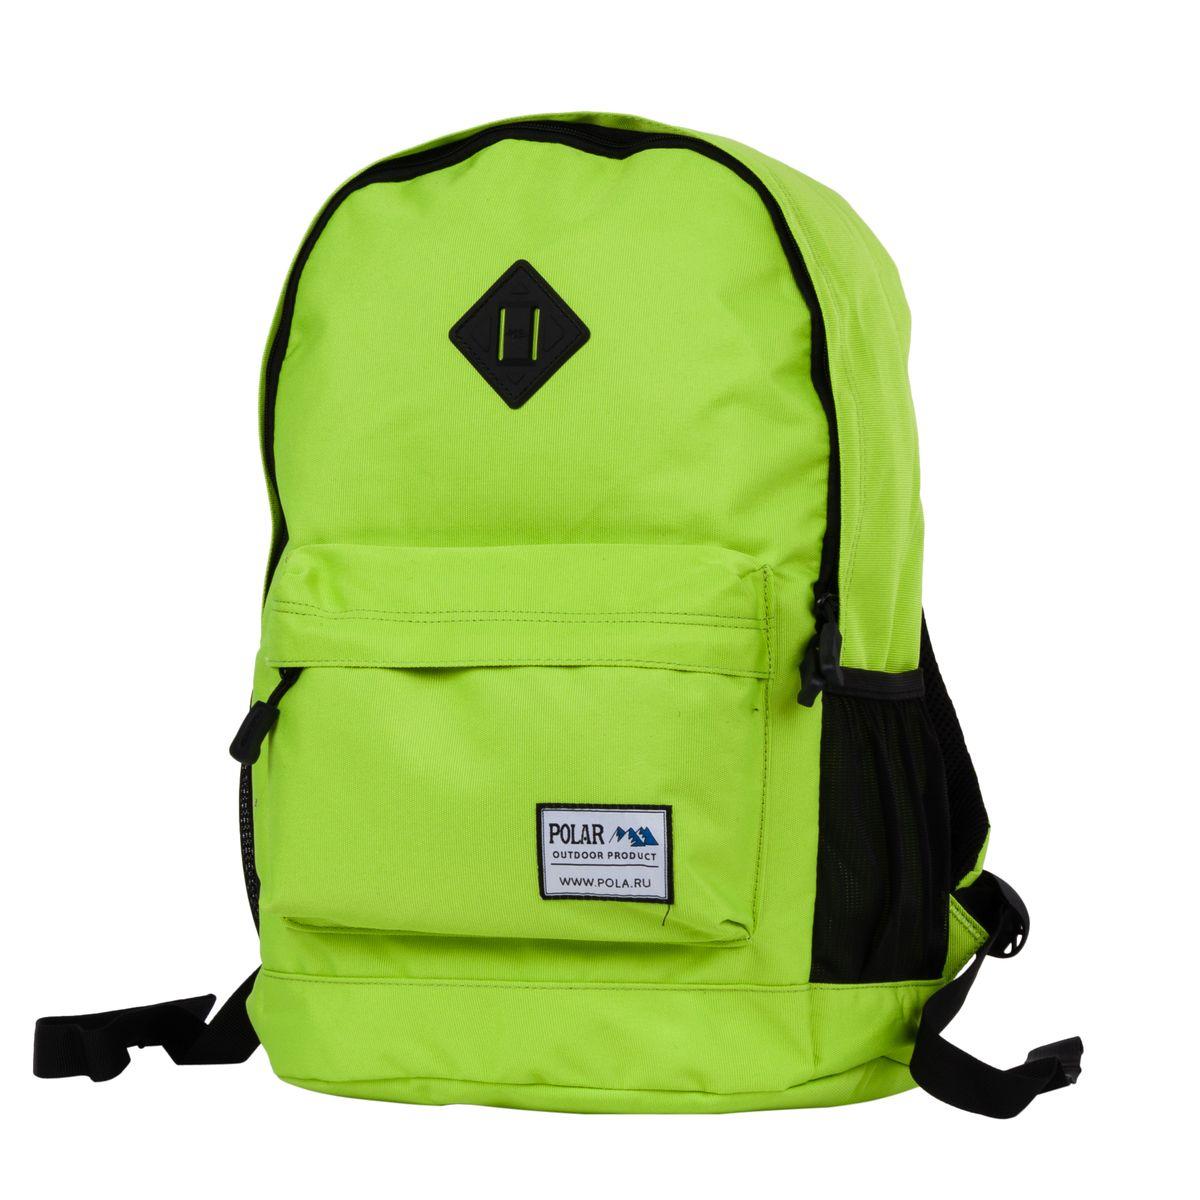 Рюкзак городской Polar, цвет: светло-зеленый, 22,5 л. 1500823736Стильный городской рюкзак изготовлен из полиэстера. Рюкзак имеет одно отделение, которое закрывается на молнию. Внутри карман на молнии и отделение под планшет или ноутбук до 14. Спереди объемный карман для небольших предметов. По бокам два кармана из сетчатого материала на резинке. Удобная поролоновая спинка и лямки регулируемой длины с мягкой подкладкой обеспечивают больший комфорт при переноске.